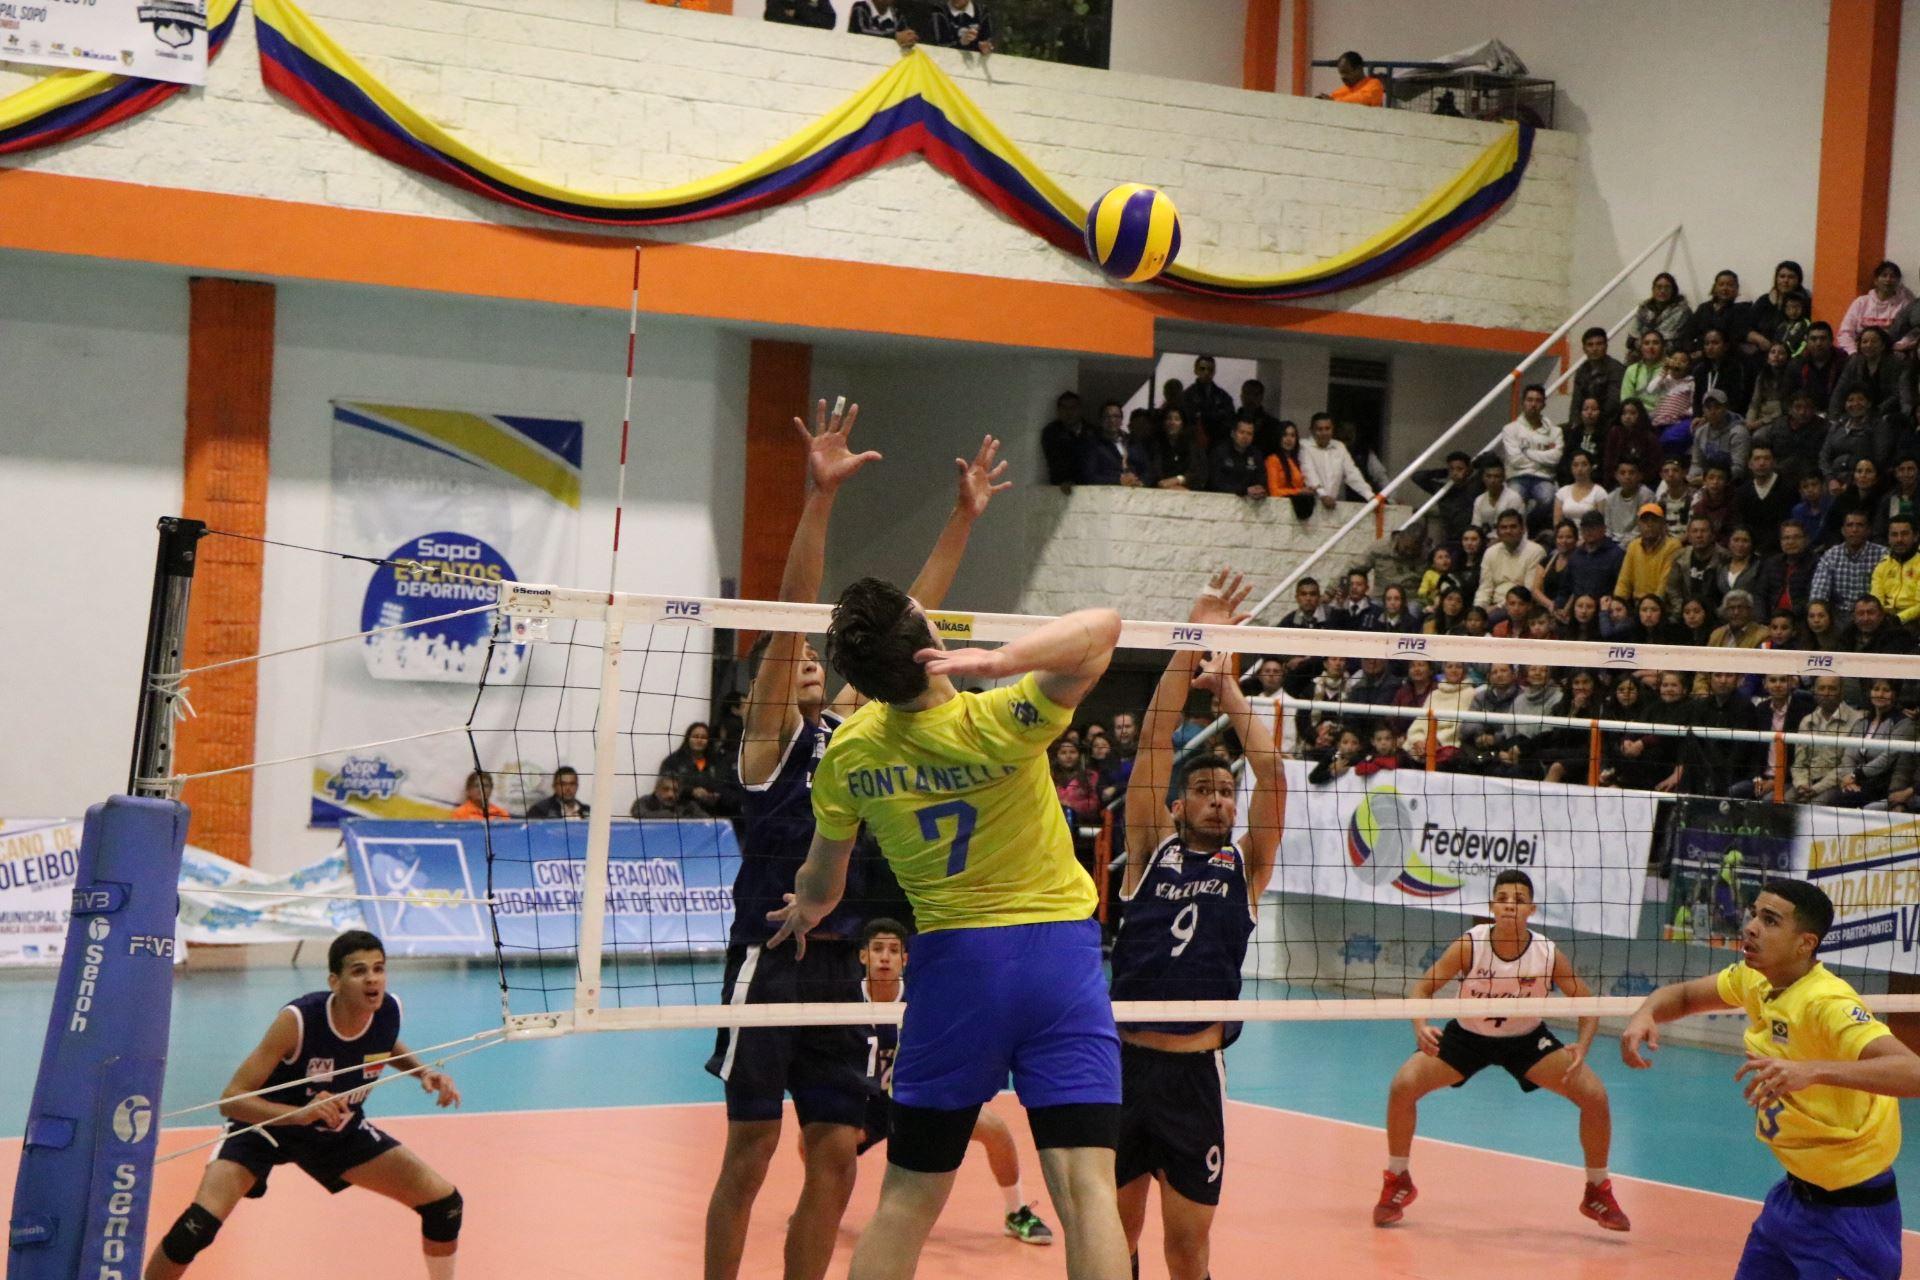 Brasil estreia com vitória sobre a Venezuela